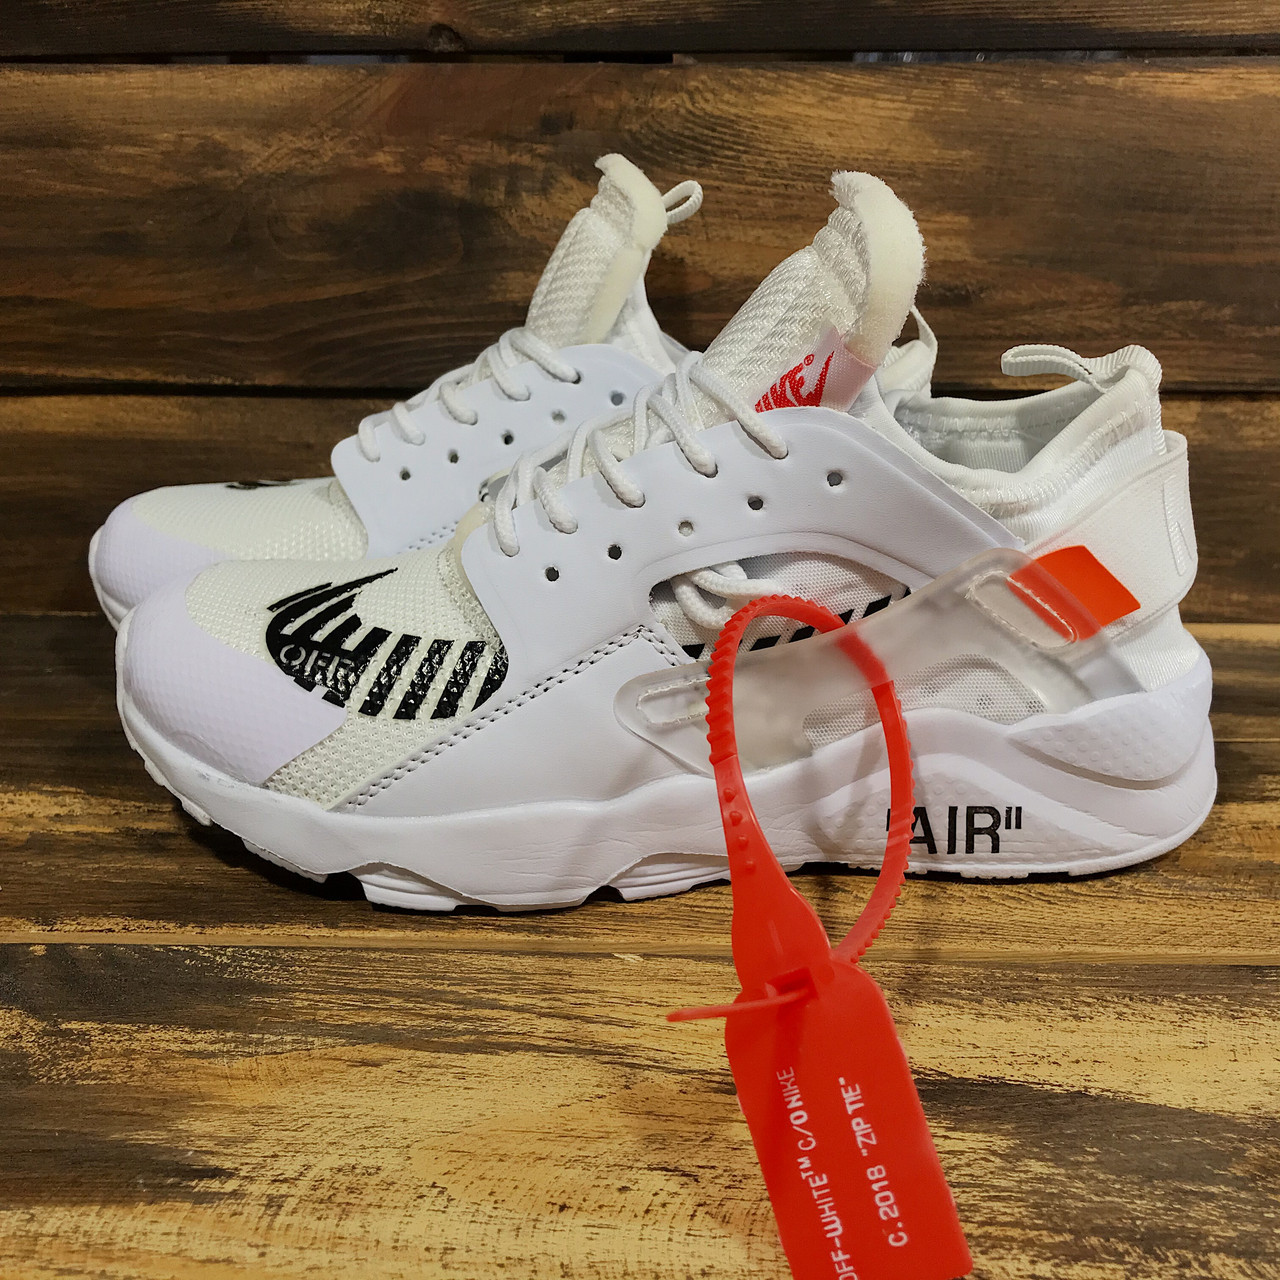 6c1f451c7b3a36 Кроссовки Женские Nike Huarache X OFF-White(реплика) 00025 — в ...